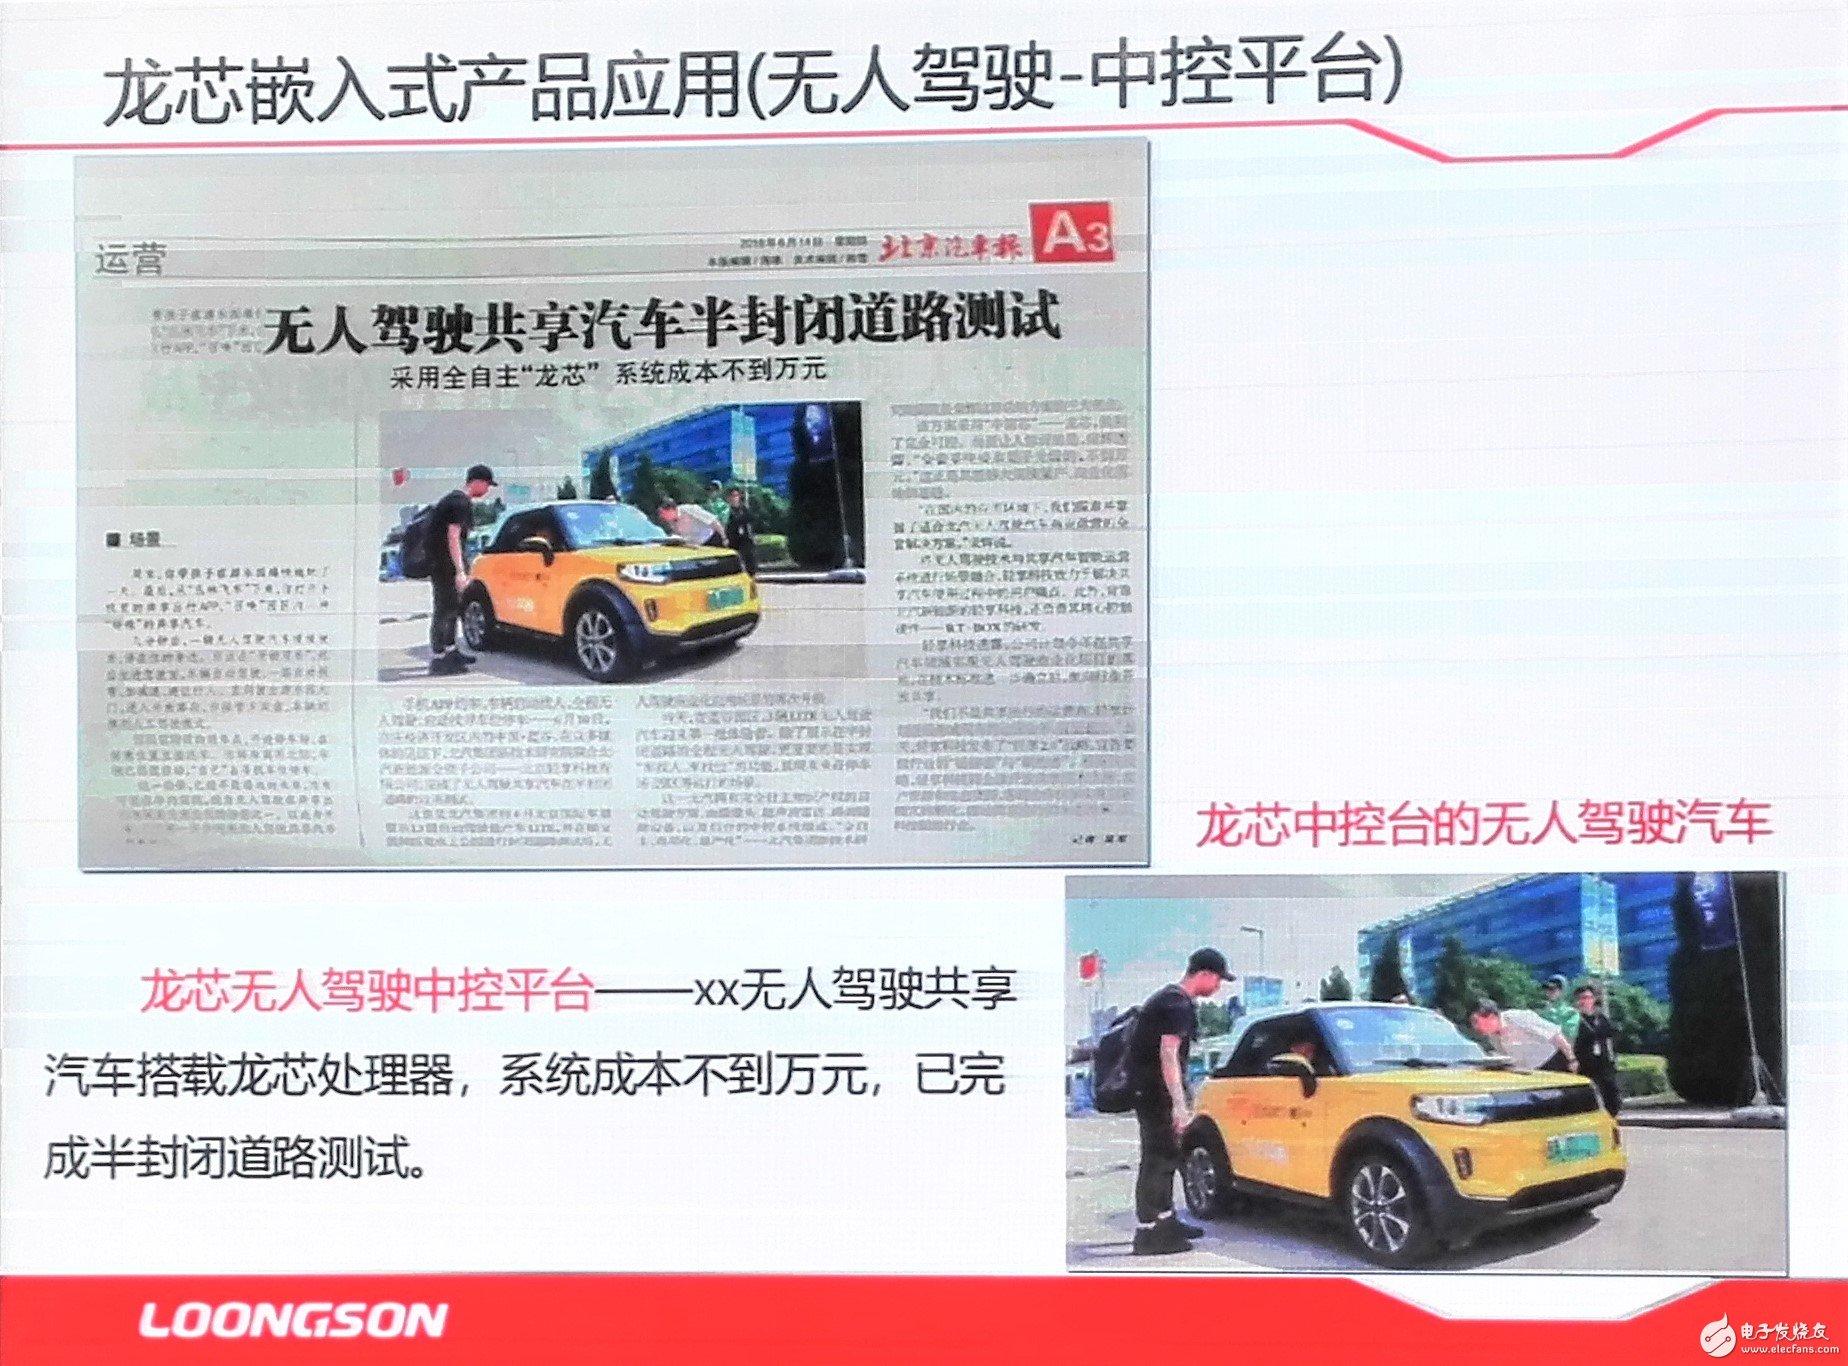 龙芯产品已被某车厂应用到其无人驾驶中控平台